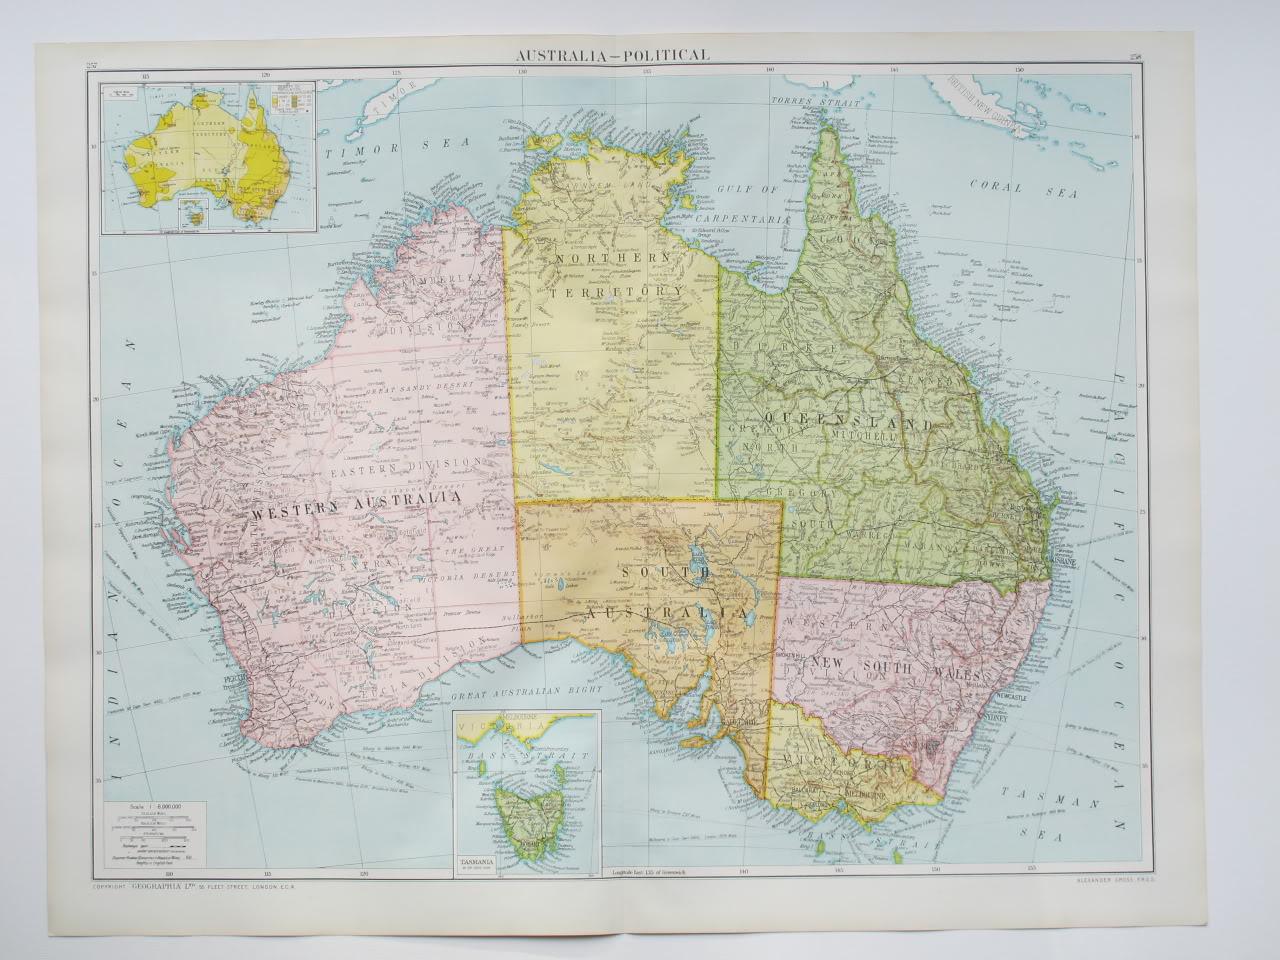 地图 澳大利亚/澳大利亚地图英文